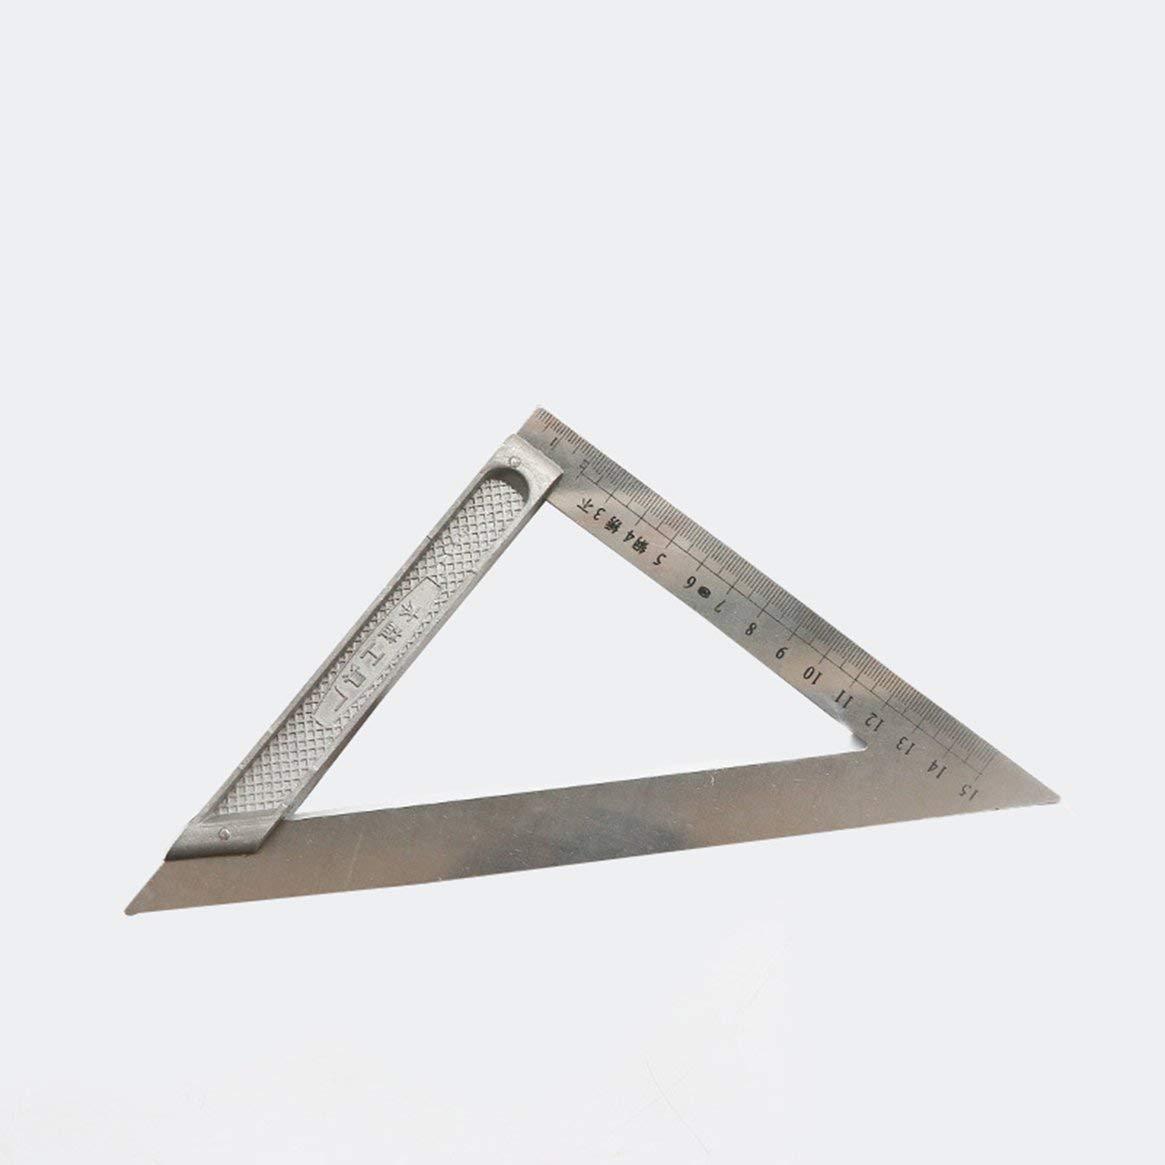 Regla de triá ngulo de 150 mm Herramienta de medició n de carpinterí a profesional de 90 grados de acero inoxidable grado triangular Ruller - Plata 150 mm Delicacydex